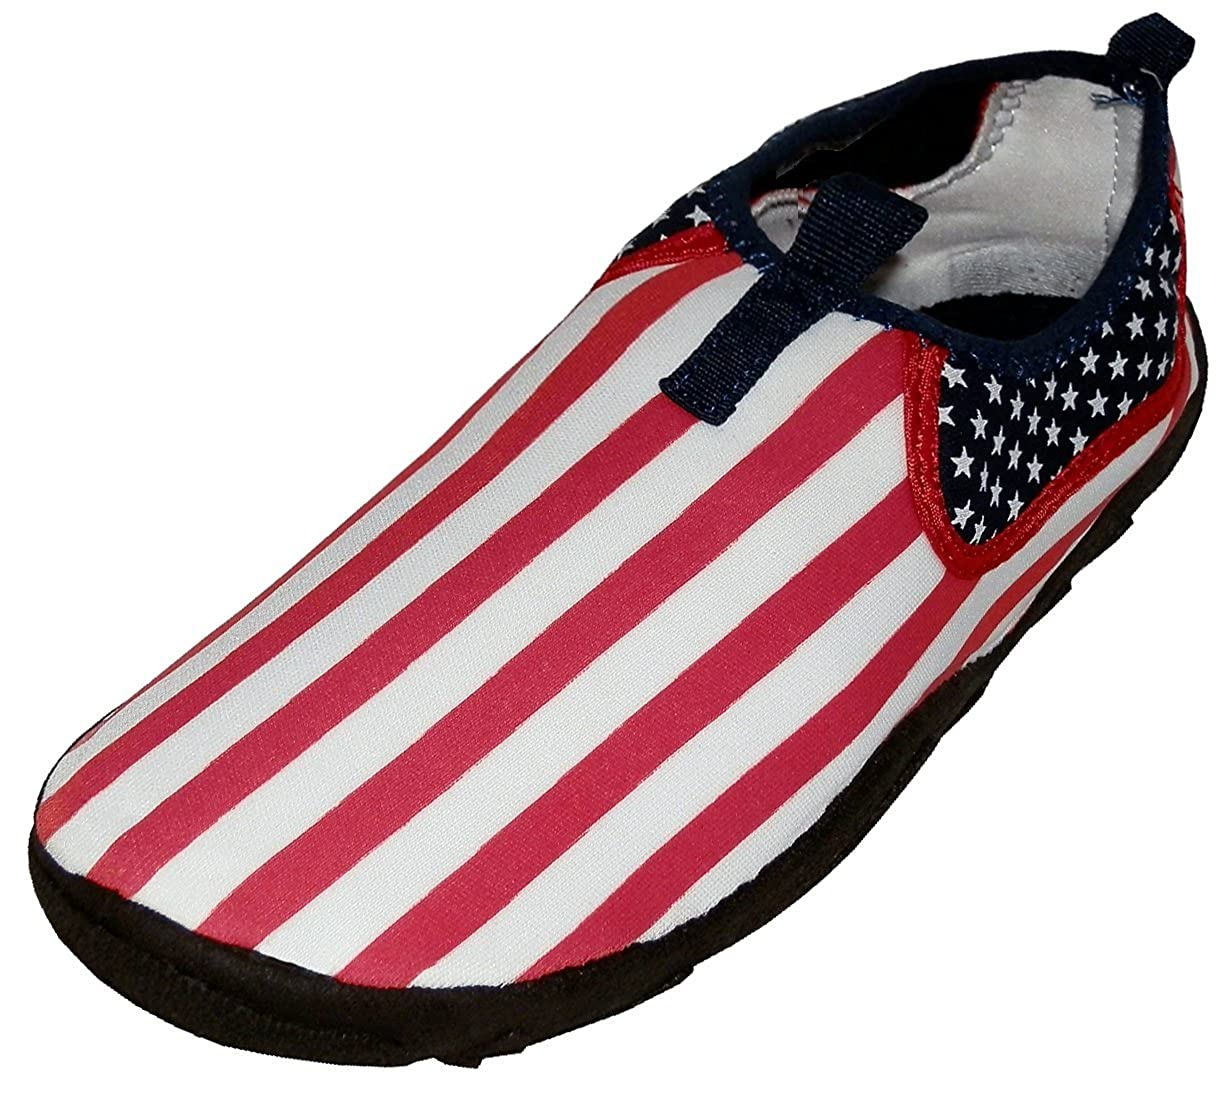 ずっと気になってた [The US Wave] レディース B00WGQAA7Y US|USA USA Wave] Flag 7 D(M) US 7 D(M) US|USA Flag, 浦和区:8cc2faed --- svecha37.ru